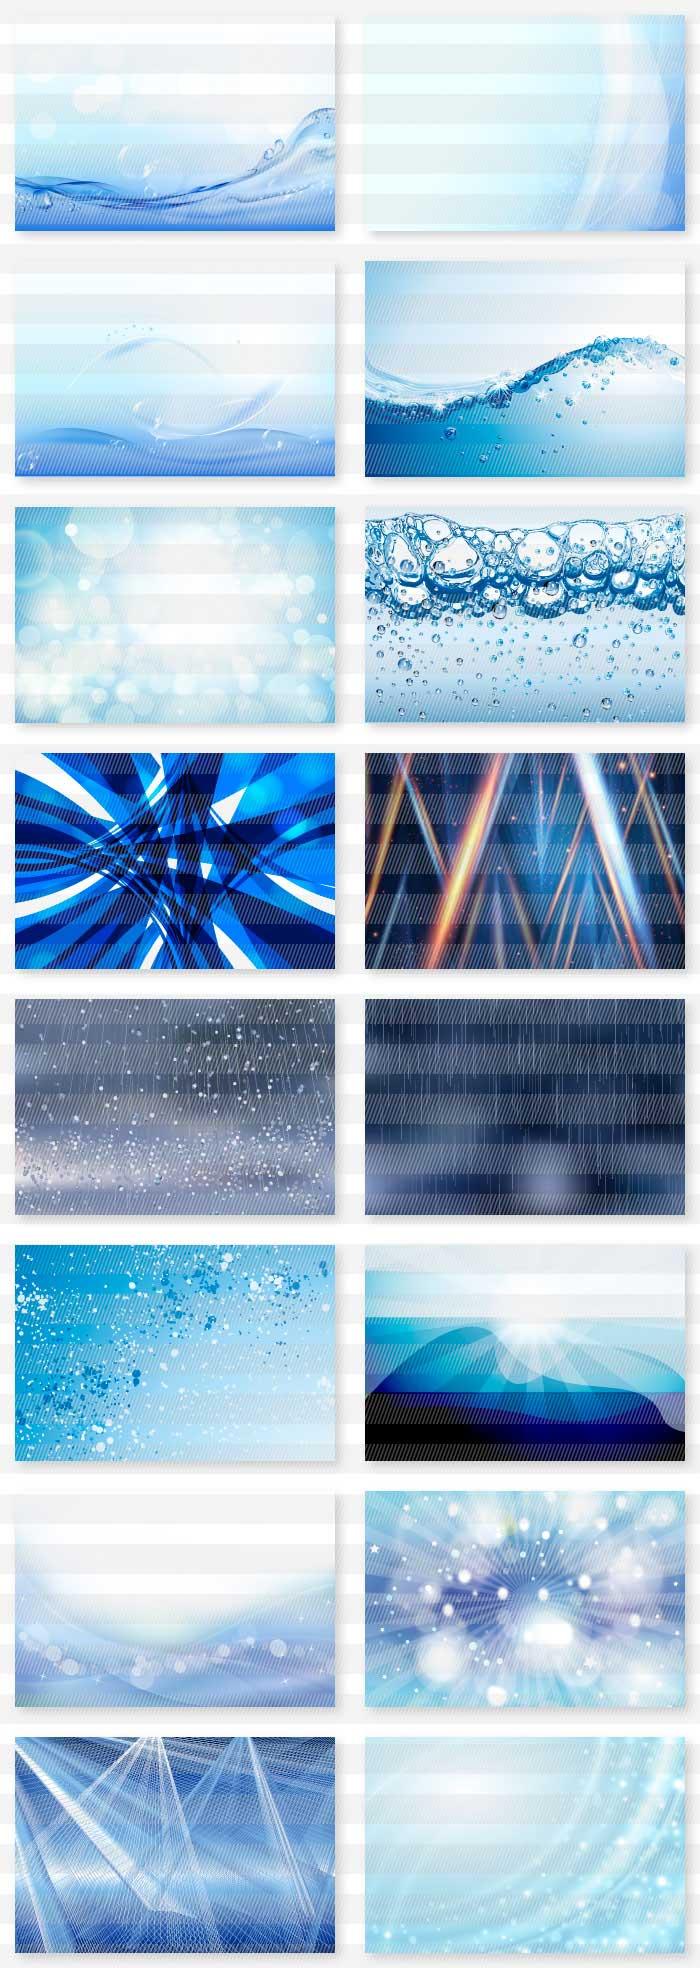 青のイラスト背景素材|イラストレーター素材(ai・eps・商用可能)